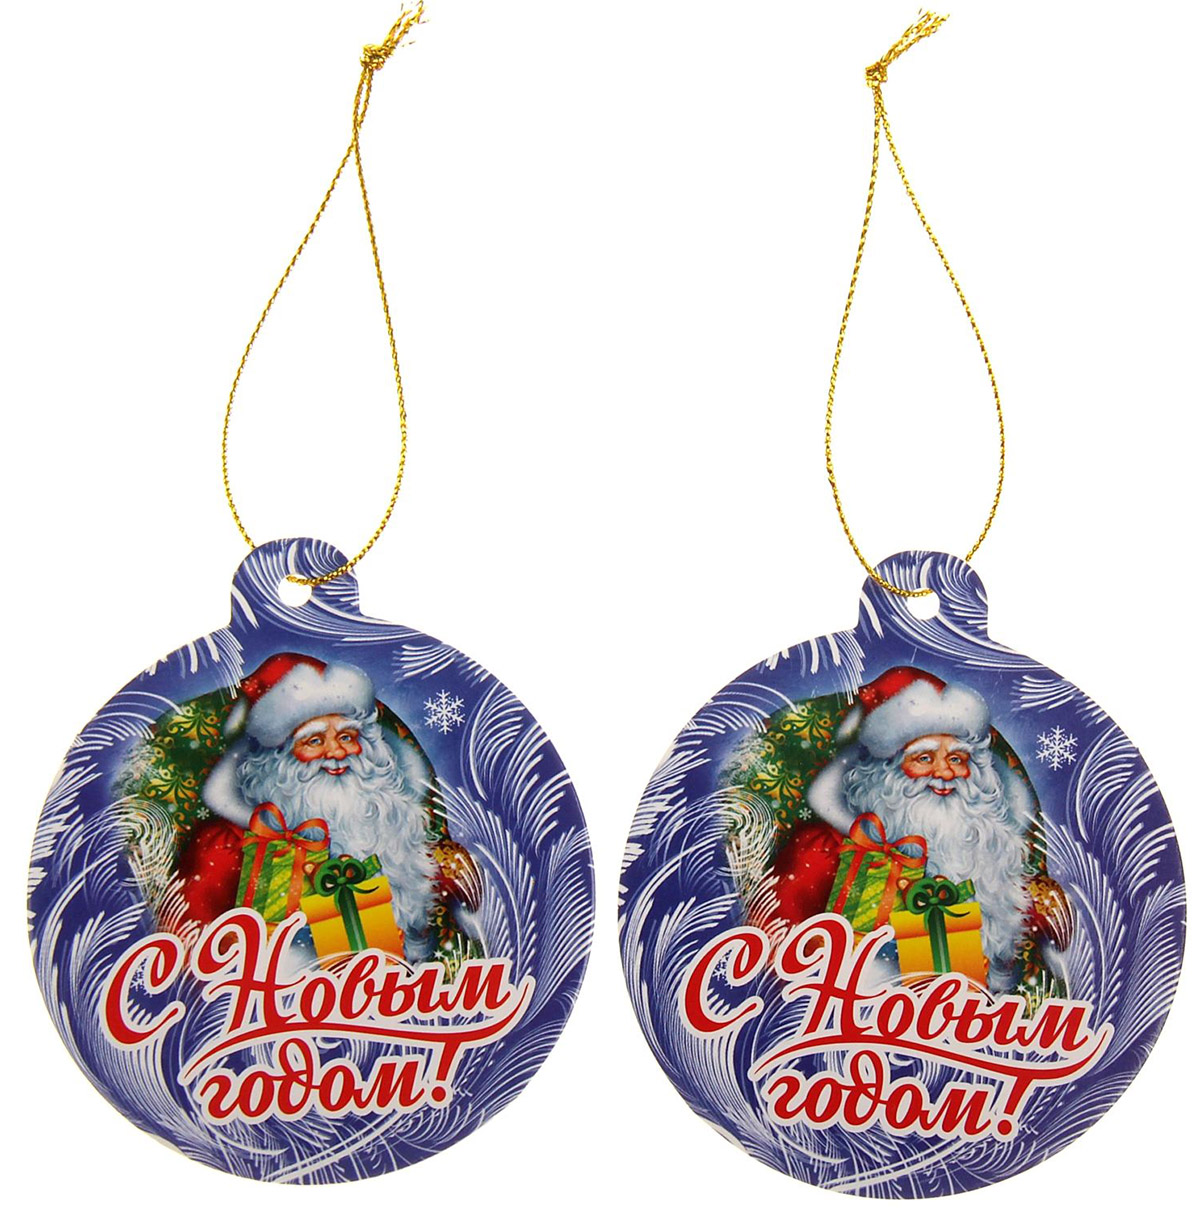 Украшение новогоднее подвесное Sima-land С Новым годом, 7 х 8 см, 2 шт906326Невозможно представить нашу жизнь без праздников! Мы всегда ждём их и предвкушаем, обдумываем, как проведём памятный день, тщательно выбираем подарки и аксессуары, ведь именно они создают и поддерживают торжественный настрой.